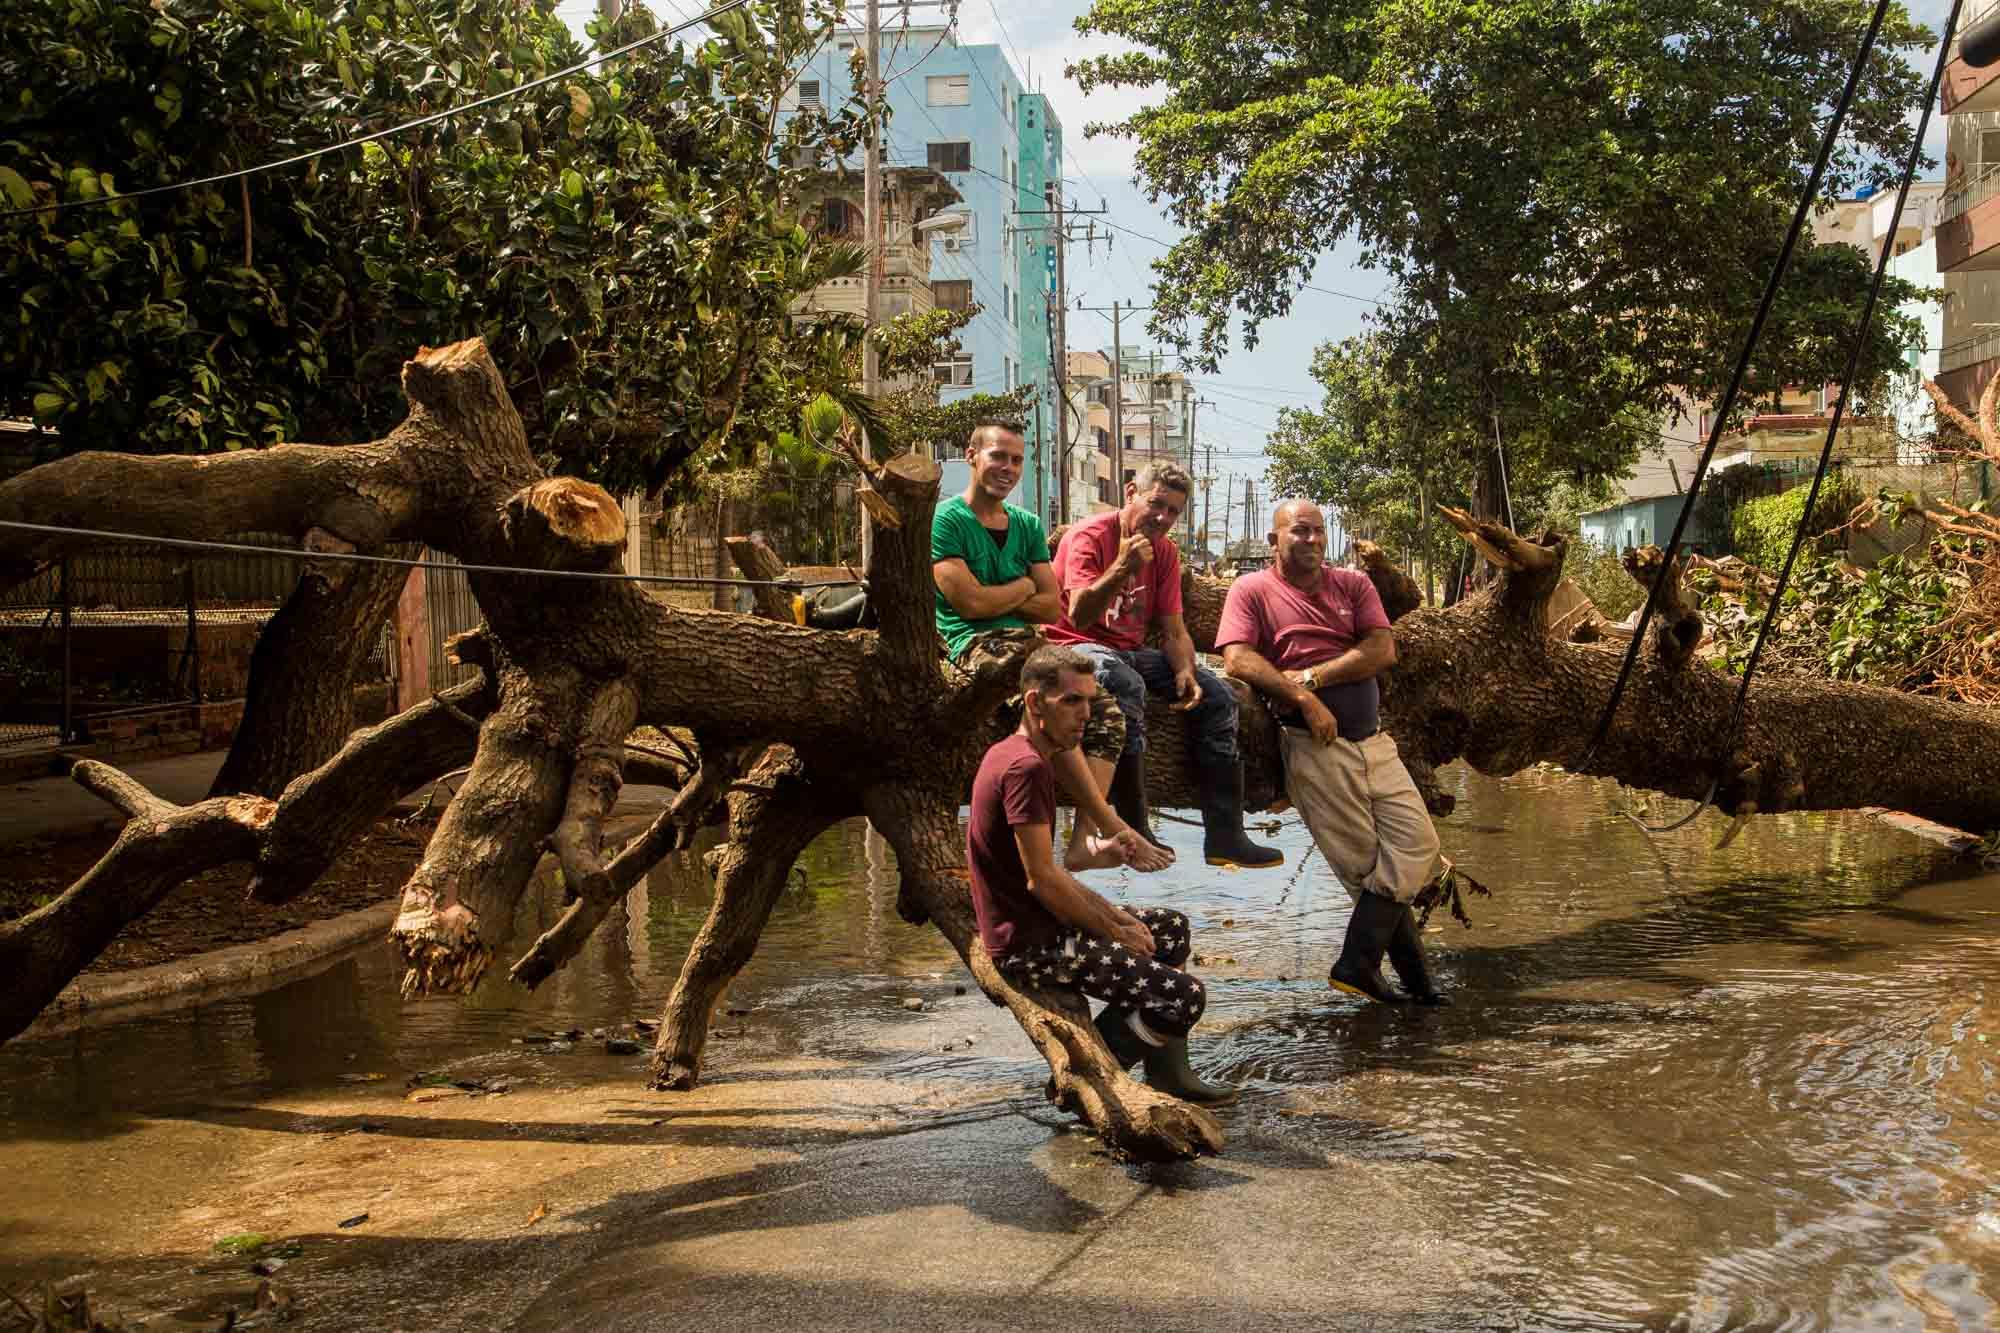 Este 11 de septiembre todavía permanecían varias zonas inundadas por las penetraciones del mar (Foto: Jorge Ricardo)